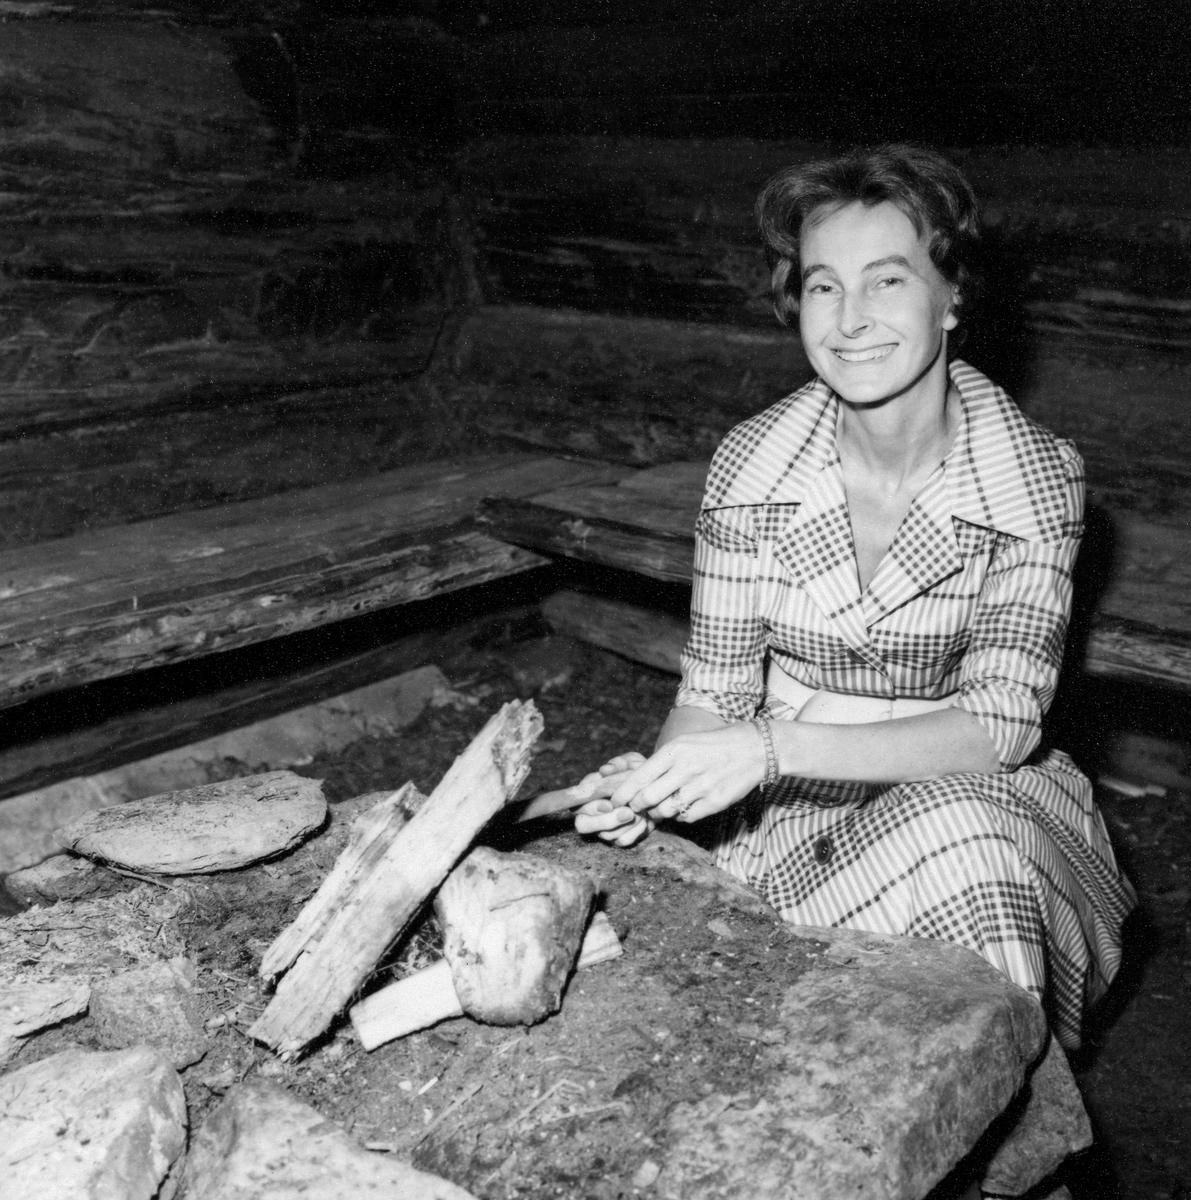 Arkeologen Anne Stine Ingstad (1918-1997 – født Anne Kristine Moe), fotografert i den såkalte «bjønnbua» fra Stor-Elvdal i Norsk Skogbruksmuseums friluftsmuseum på Prestøya i Elverum.  Ingstad var konservator ved dette museet fra 20. juni 1960 til 1. mai 1961.  Dette var for øvrig den første stillingen hun hadde etter å ha avlagt magistergradseksamen med avhandling om en steinalderboplass hun sjøl hadde undersøkt.  I 1960-61 var Anne Stine Ingstad Norsk Skogbruksmuseums eneste ansatte, men styreleder Magne Midttun var bosatt i Elverum og bisto også i den daglige driften av museet.  Ingstads arbeidsinnsats ved museet ble først og fremst preget av samlingsbyggende aktiviteter.  Hun samlet og registrerte gjenstandsmateriale og fikk utvidet bygningssamlinga i friluftsmuseet på Prestøya med ei kjøyte (jordkoie) fra Drangedal i Telemark og ei fiskebu med tilhørende naust fra Breisjøen i Alvdal.  Anne Stine Ingstad var også redaktør for museets andre årbokutgivelse, der hun selv bidro med en artikkel om reip av furupert, samt korte orienteringer om husværene fra Breisjøen og et par interessante gjenstander som var registrert inn i samlingene.  Ingstads begynte ved Norsk Skogbruksmuseum i en tidsbegrenset engasjementsstilling, og hun sluttet fem måneder før engasjementets avtalte utløpsdato for å slutte seg til ektemannen, Helge Ingstad (1899-2001), som under leting etter spor etter norrøne nybyggere på Nord-Amerikas vestkyst, oppdaget tufter på L'Anse aux Meadows på Newfoundland.  Anne Stine Ingstad ledet det arkeologiske undersøkelsene av denne vikingtidslokaliteten i perioden 1961-1967, og fikk seinere doktorgrad i faget sitt med rapporten fra disse utgravingene som avhandlingsarbeid.  I en stilling som statsstipendiat arbeidet hun seinere med publikasjoner om brukstekstilene fra Osebergfunnet og om tekstilfunnene fra kollegaen Charlotte Blindheims (1917-2005) vikingtidsutgravinger på handelsstedet Kaupang i Vestfold i andre halvdel av 1950-åra.  Anne Stine og Helge Ings